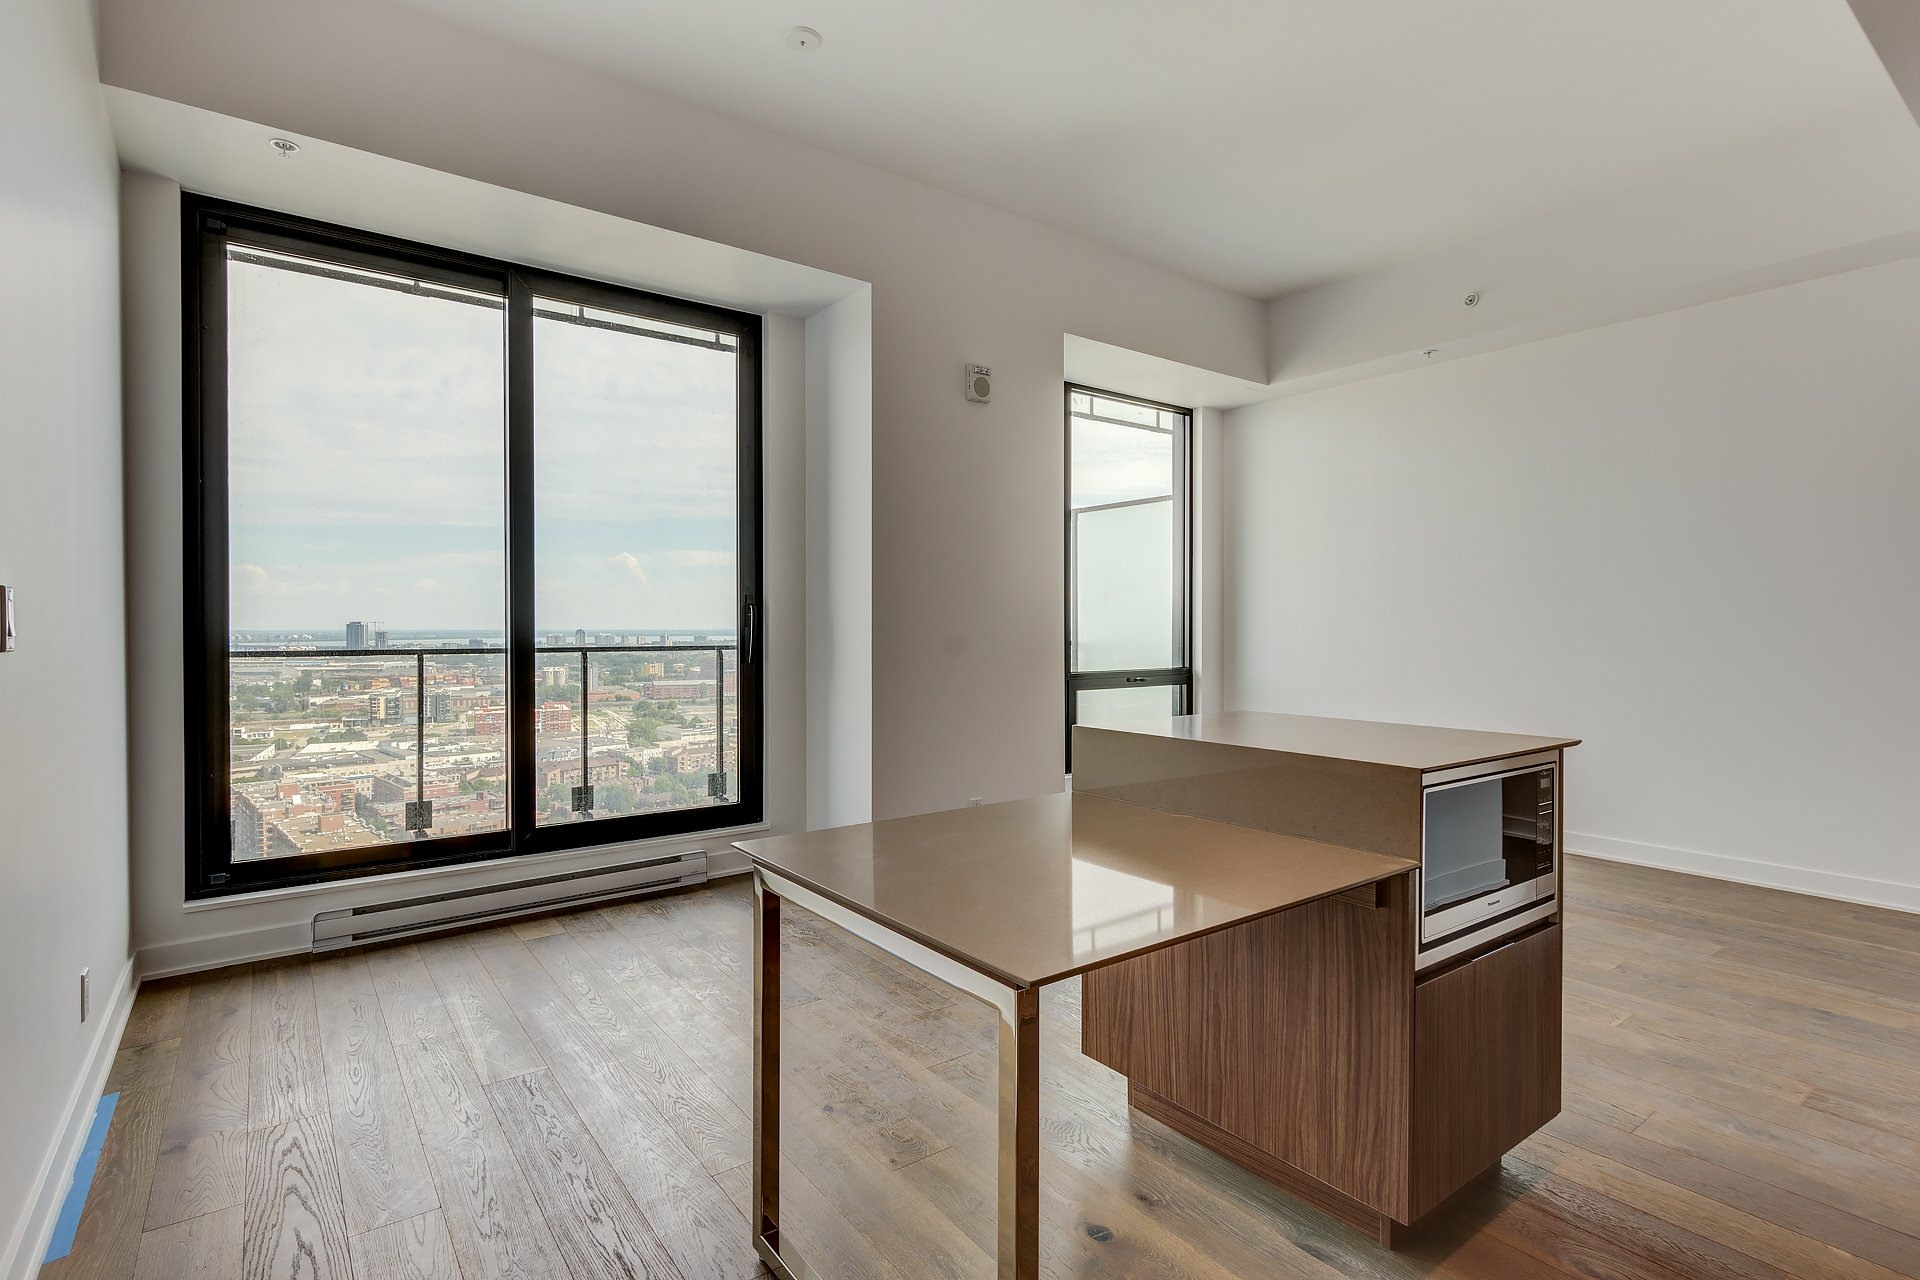 image 2 - Apartment For rent Montréal Ville-Marie  - 4 rooms